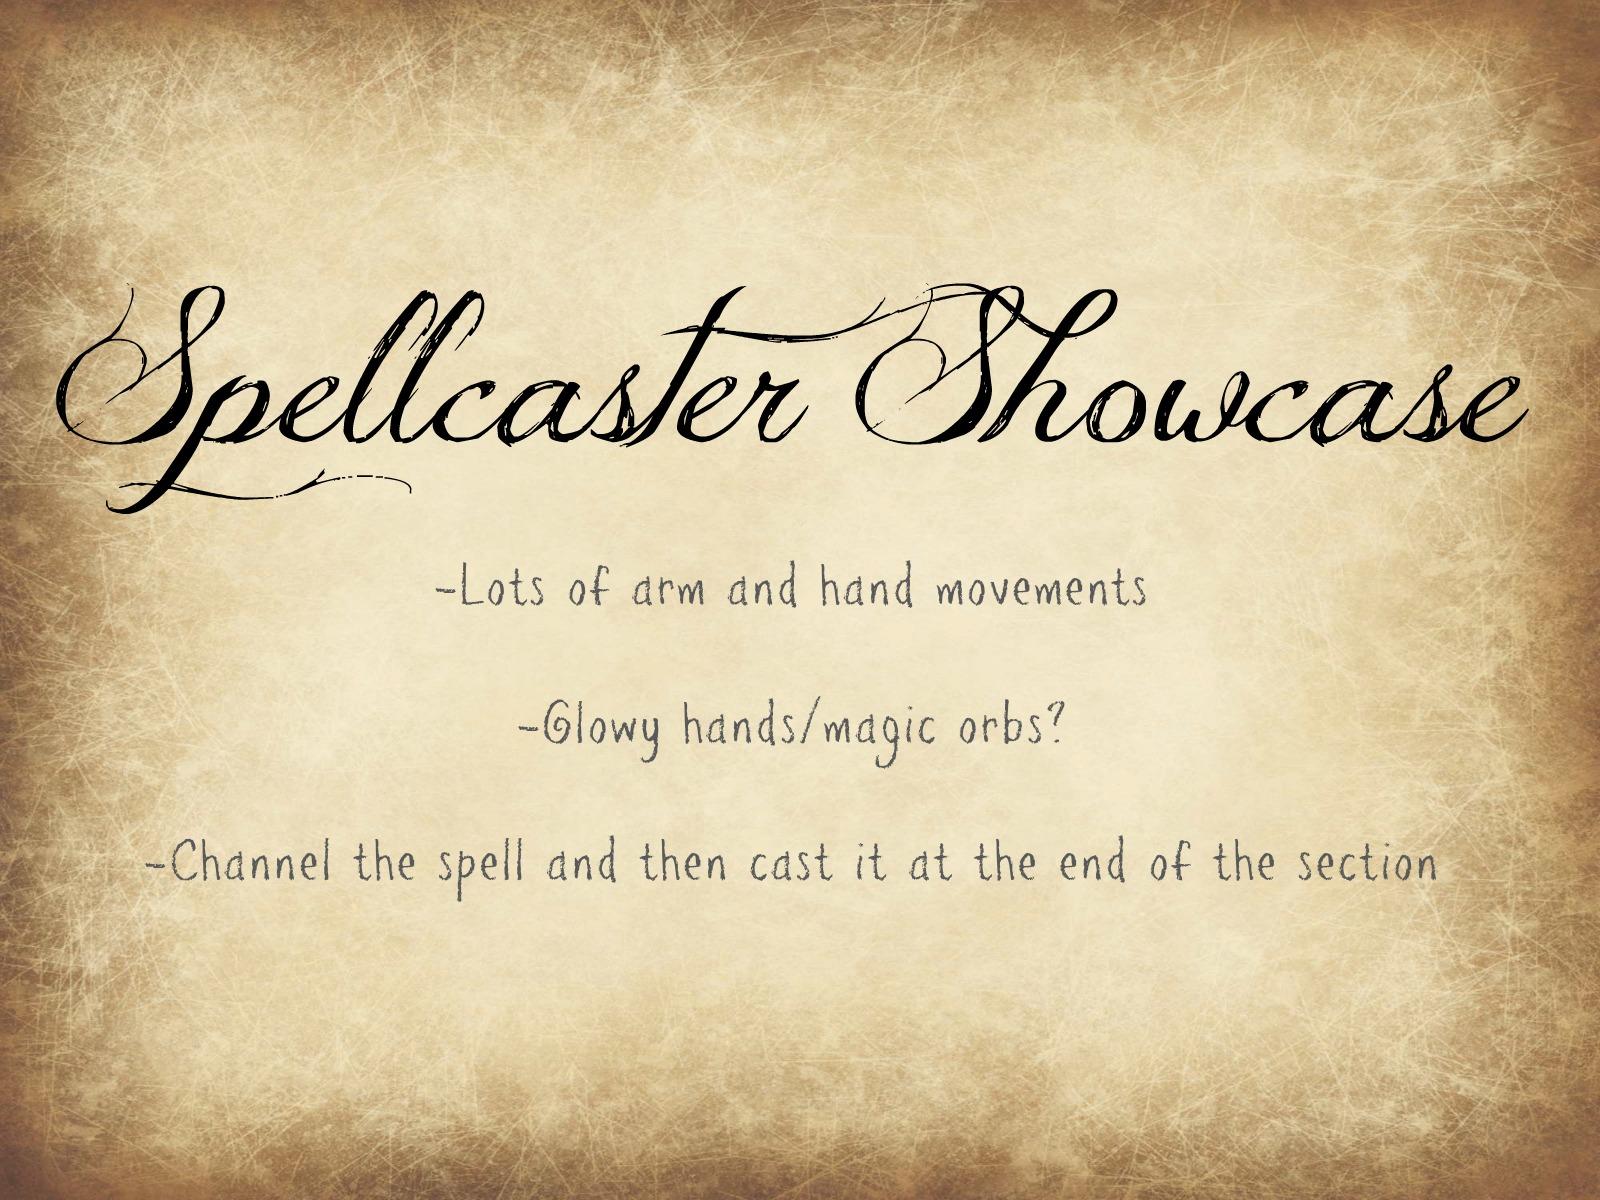 Spellcaster Showcase D&D.jpg